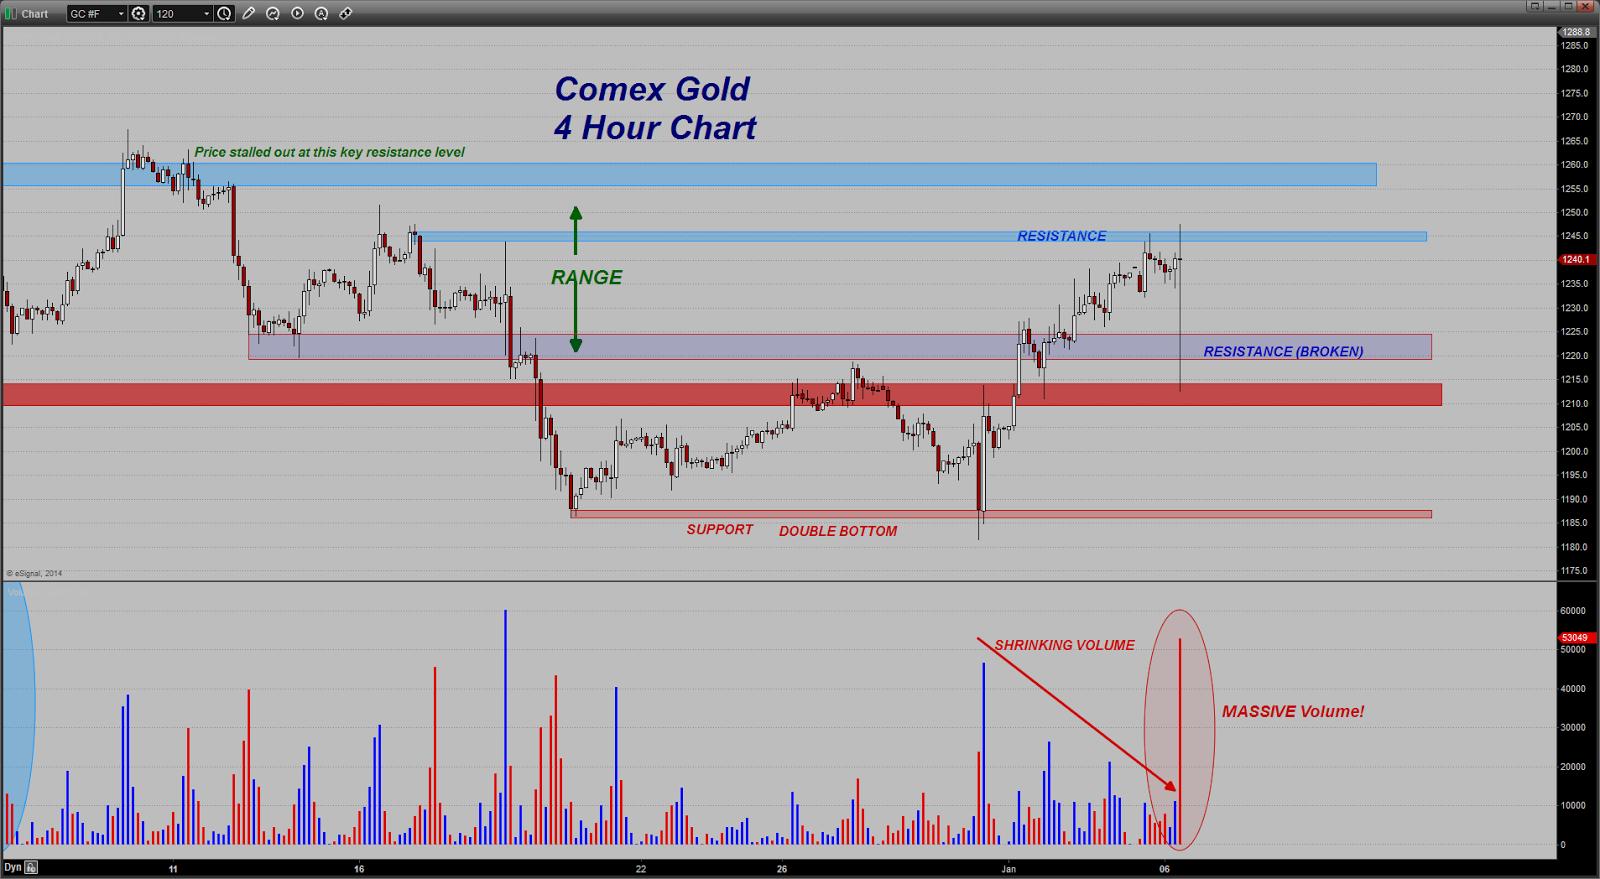 prix de l'or, de l'argent et des minières / suivi quotidien en clôture - Page 9 Chart20140106074418